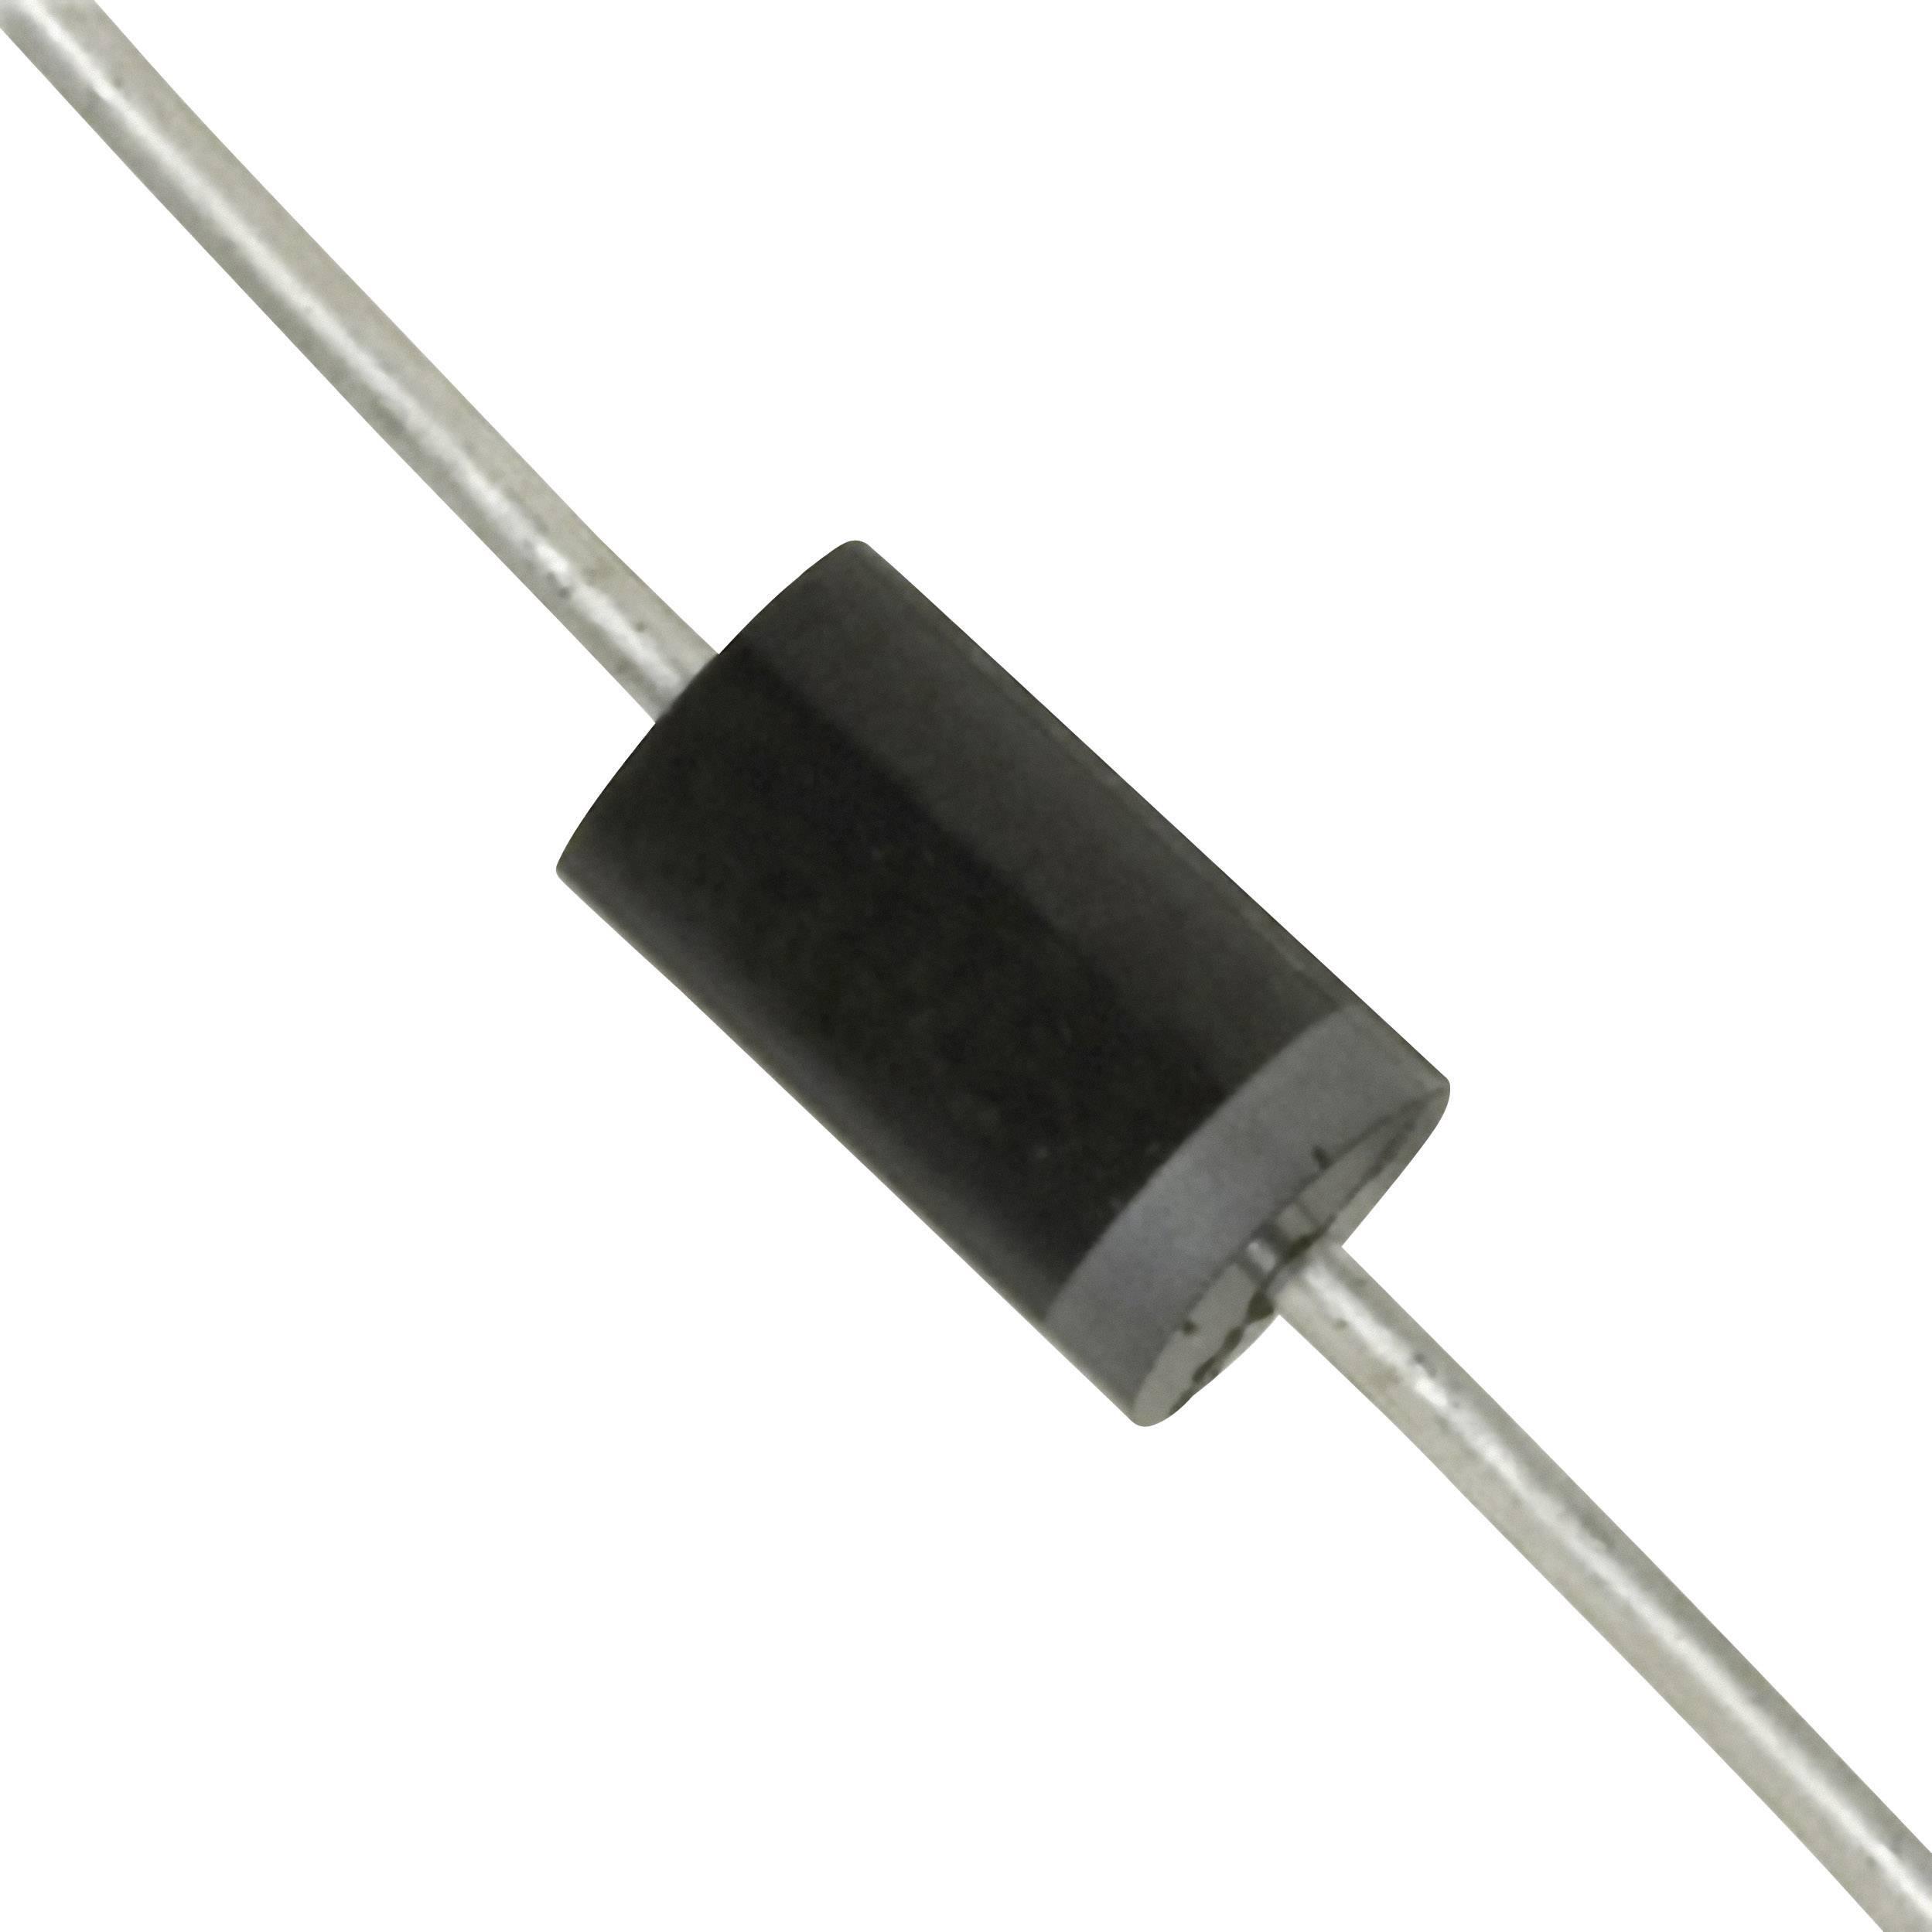 Zenerova dioda Diotec ZPD 22 V, 500 mW, DO 35 P